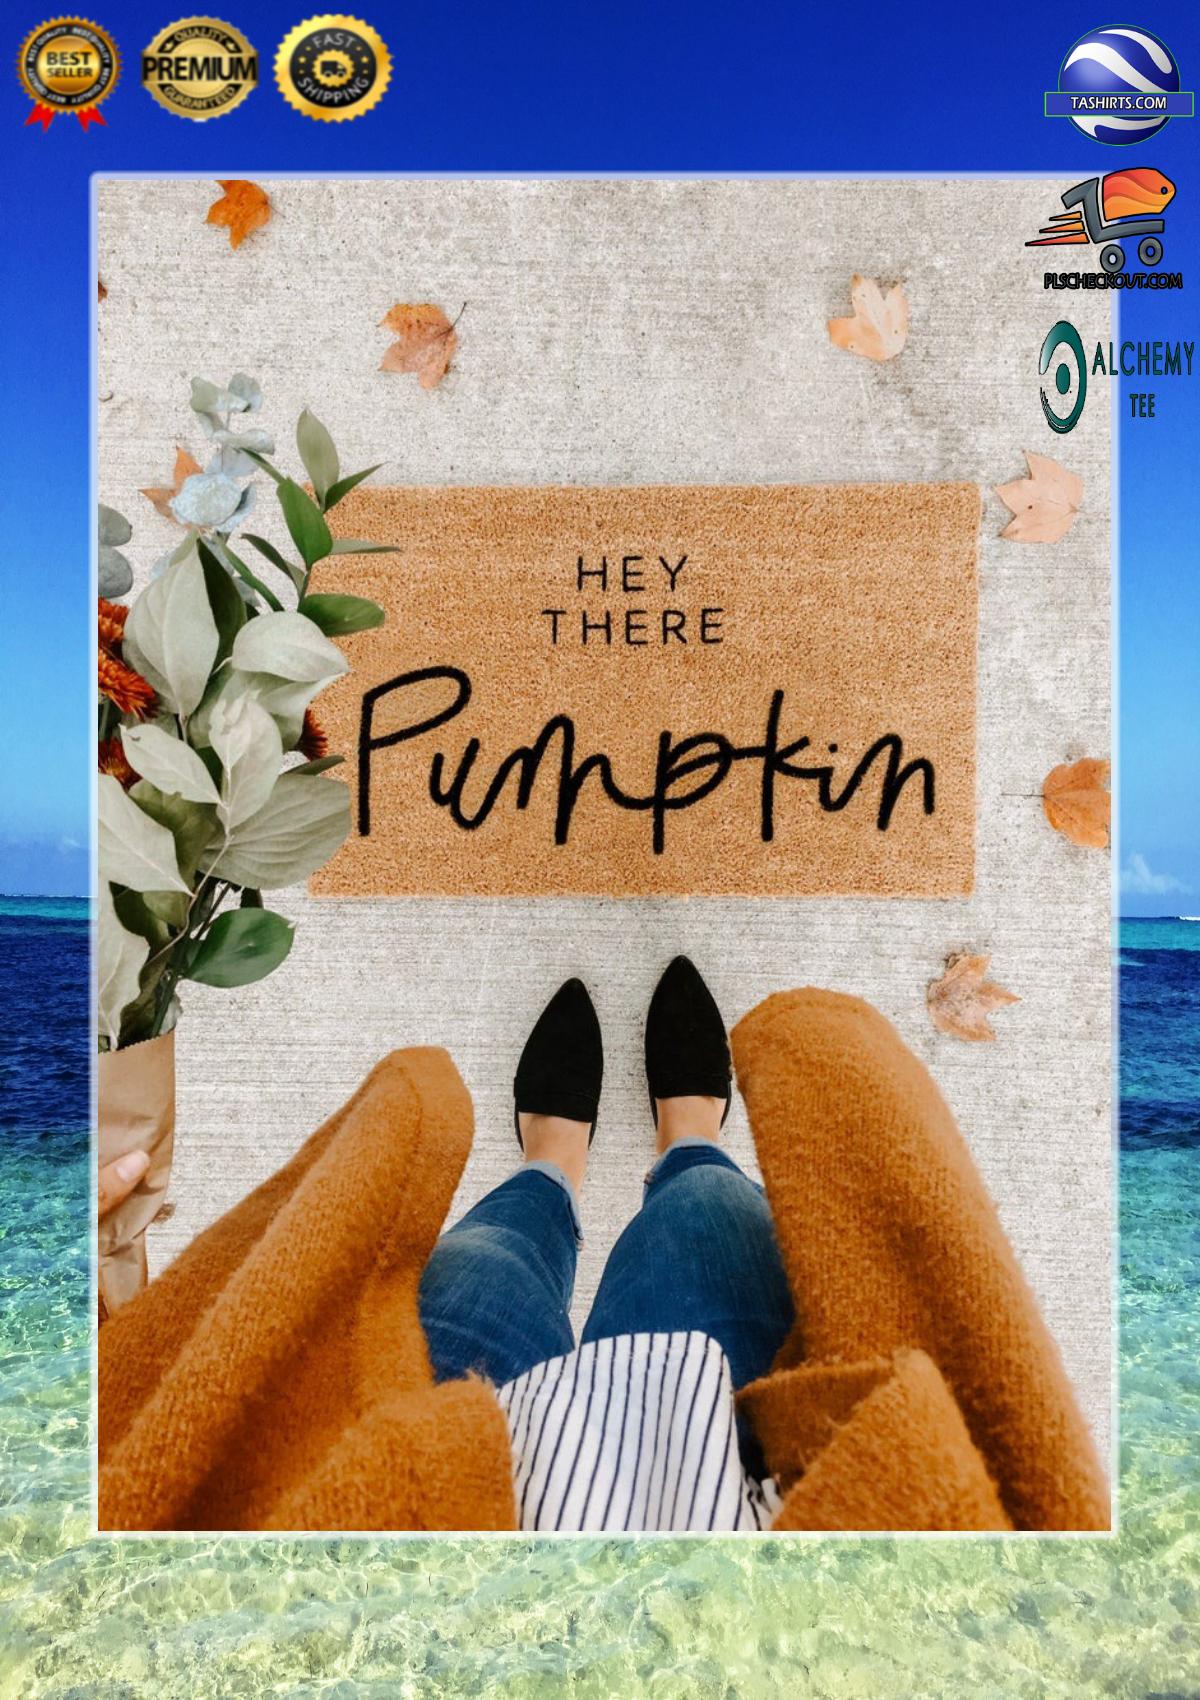 Hey there pumpkin doormat 2